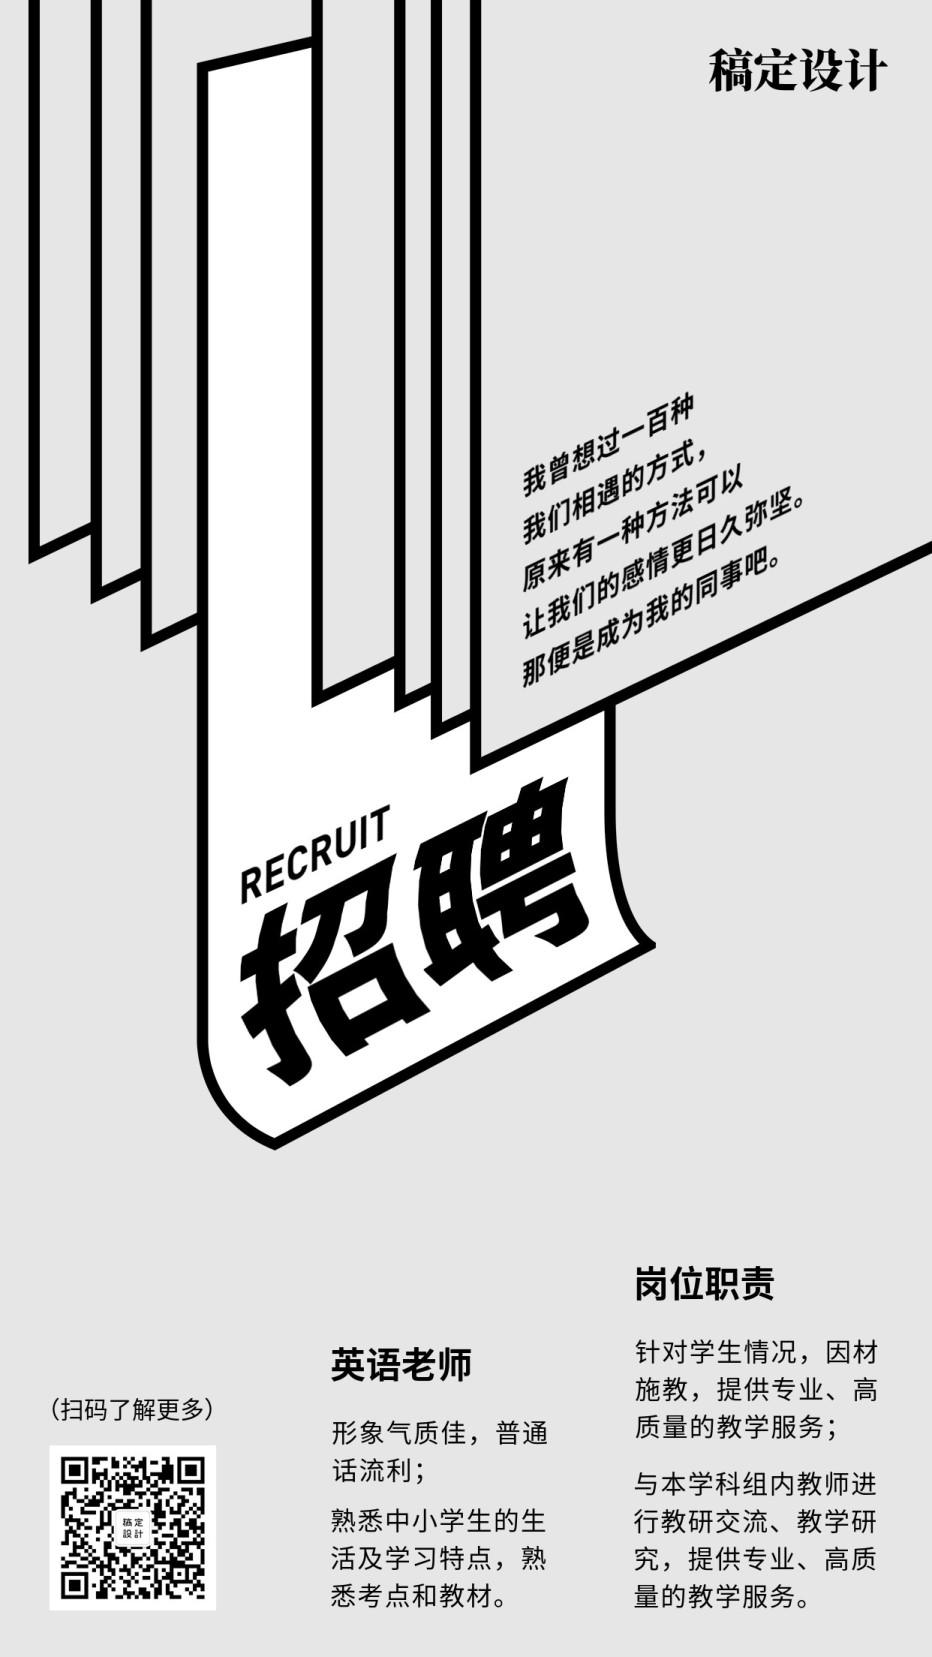 招聘日式设计招聘海报